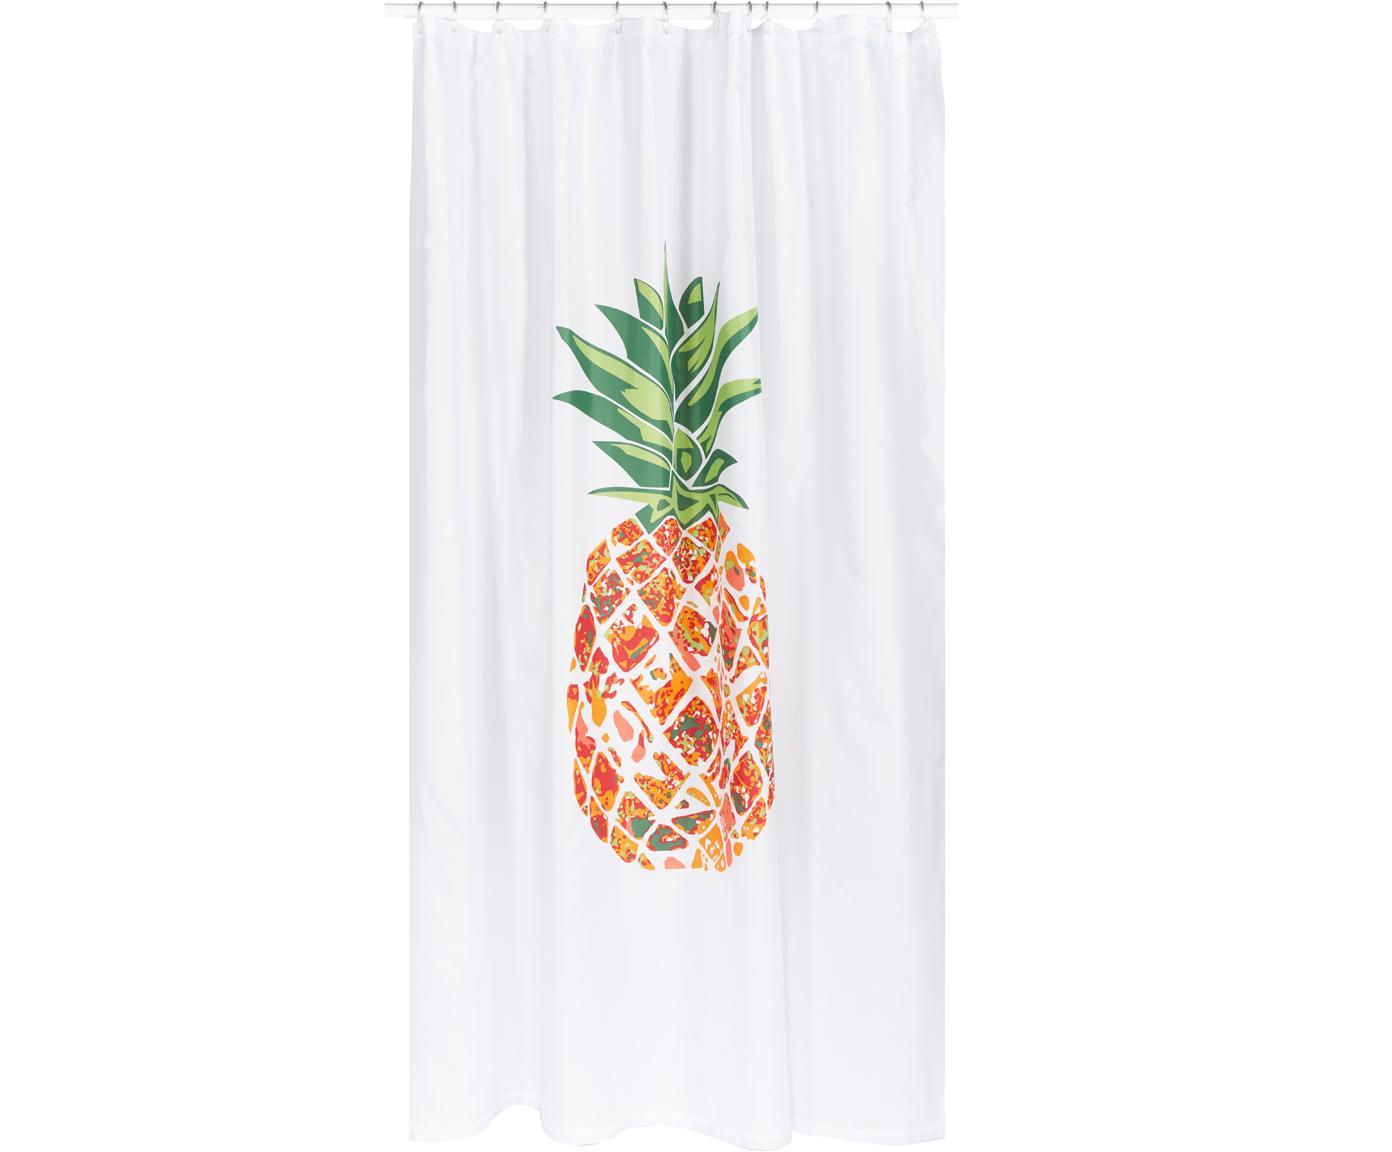 Duschvorhang Pineapple mit Ananas-Motiv, 100% Polyester Wasserabweisend, nicht wasserdicht, Weiß, Grün, Orange, Rot, 180 x 200 cm